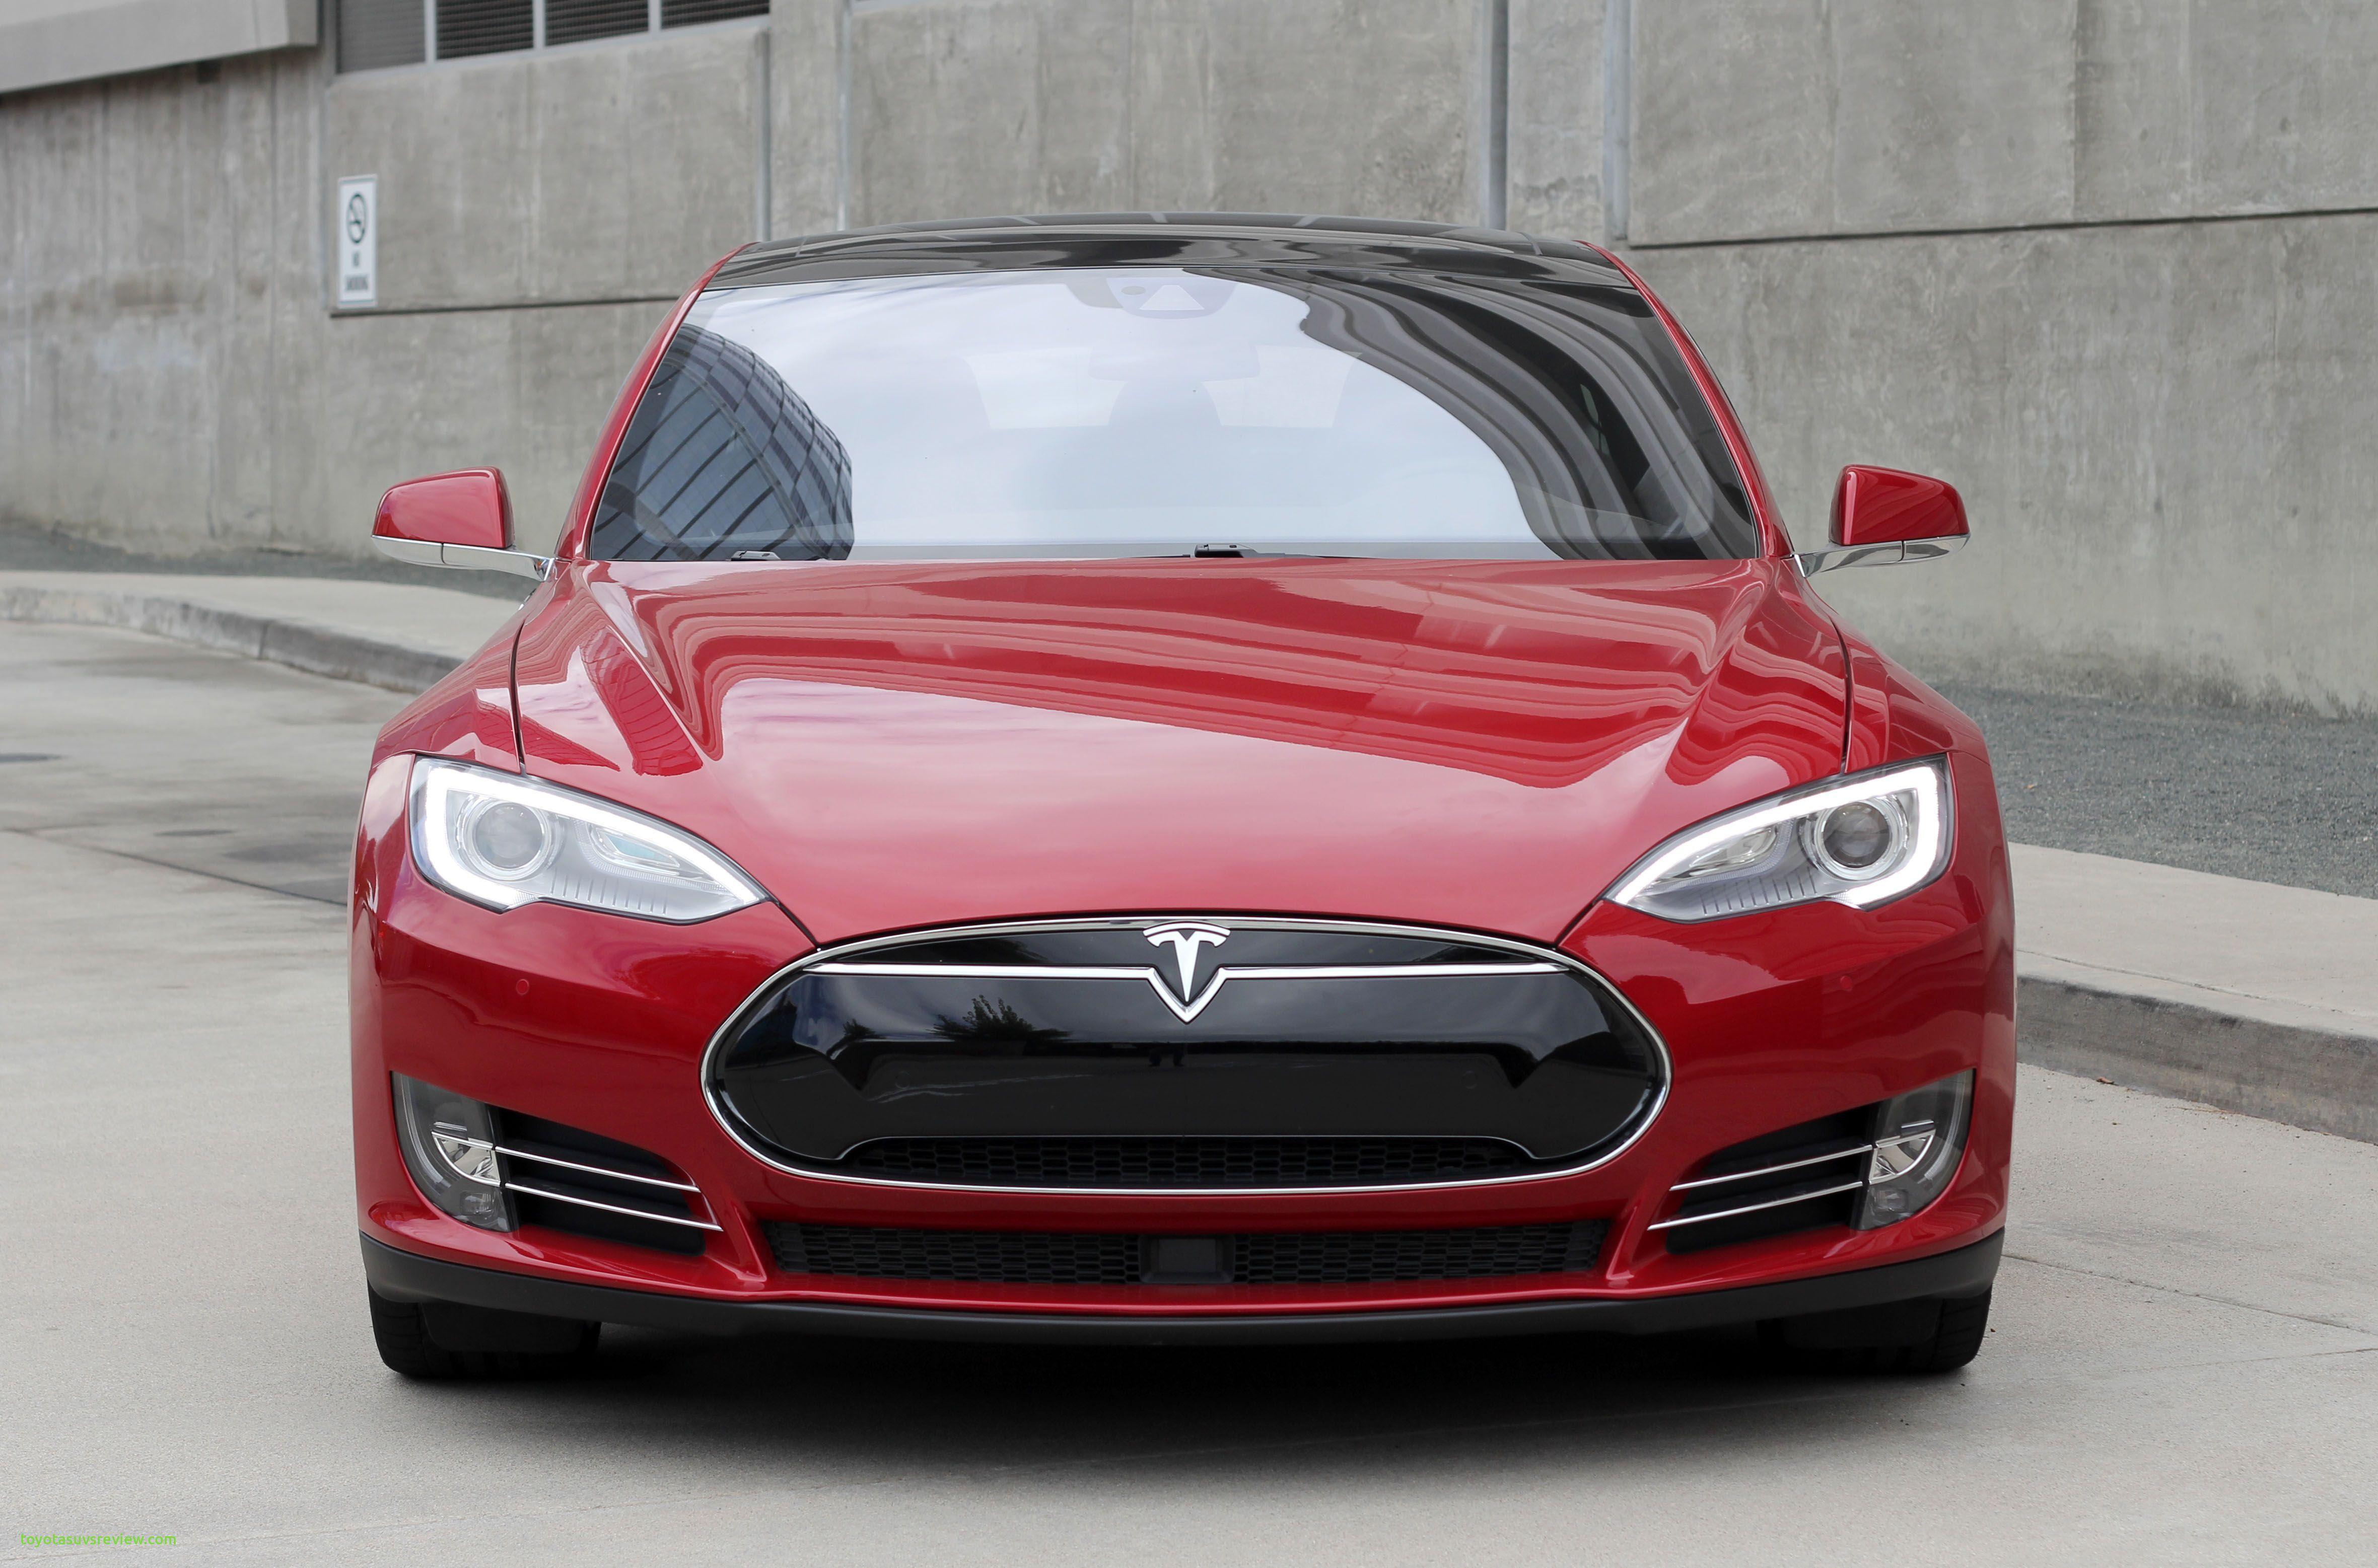 New Tesla Model Roadster Price, Tesla Model Roadster Price ...